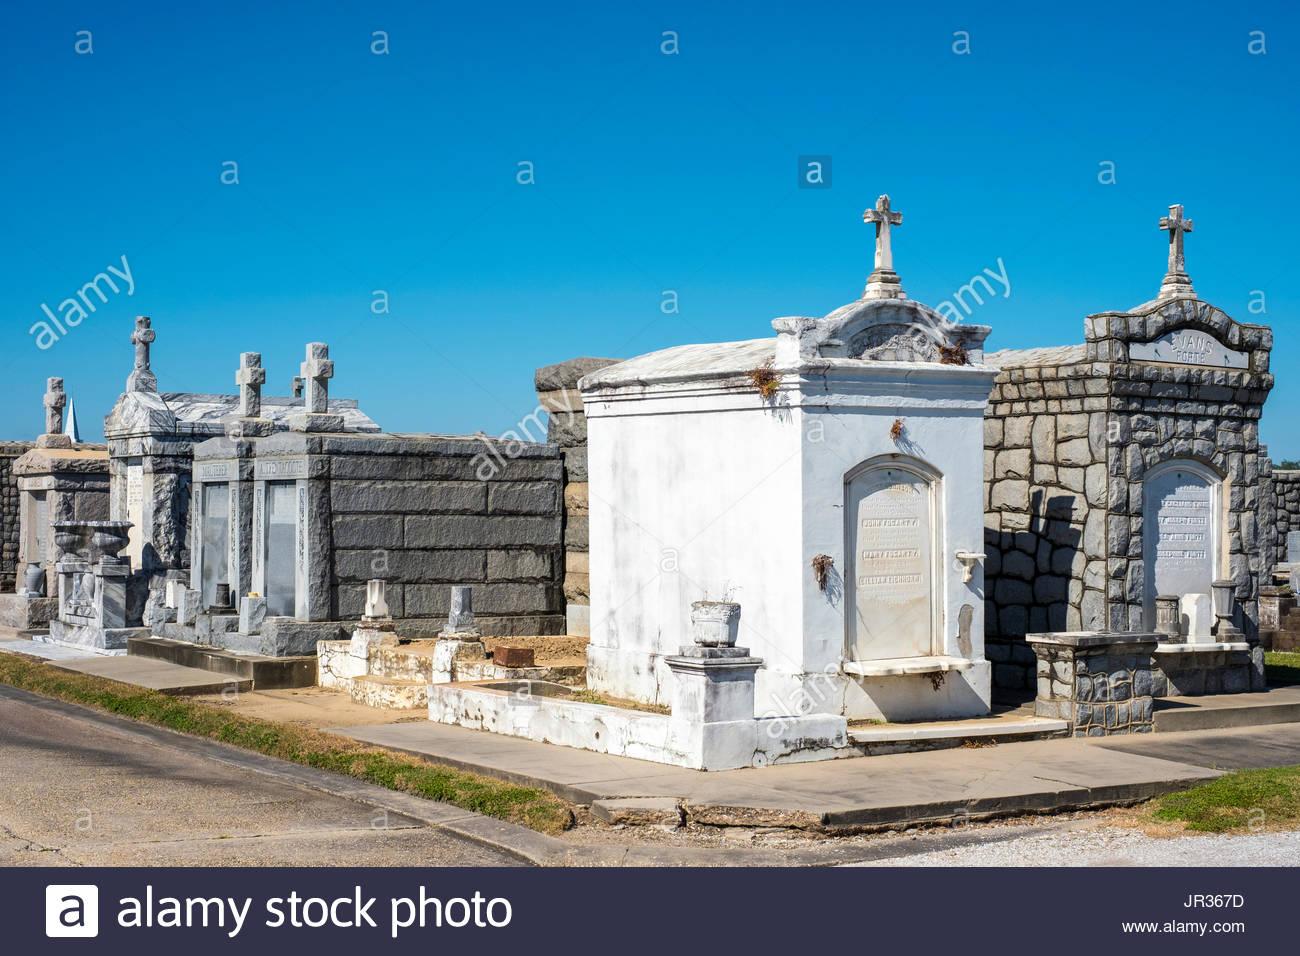 USA, Louisiana, New Orleans. Historischen oberirdische Gräber auf dem Greenwood Cemetery. Stockbild